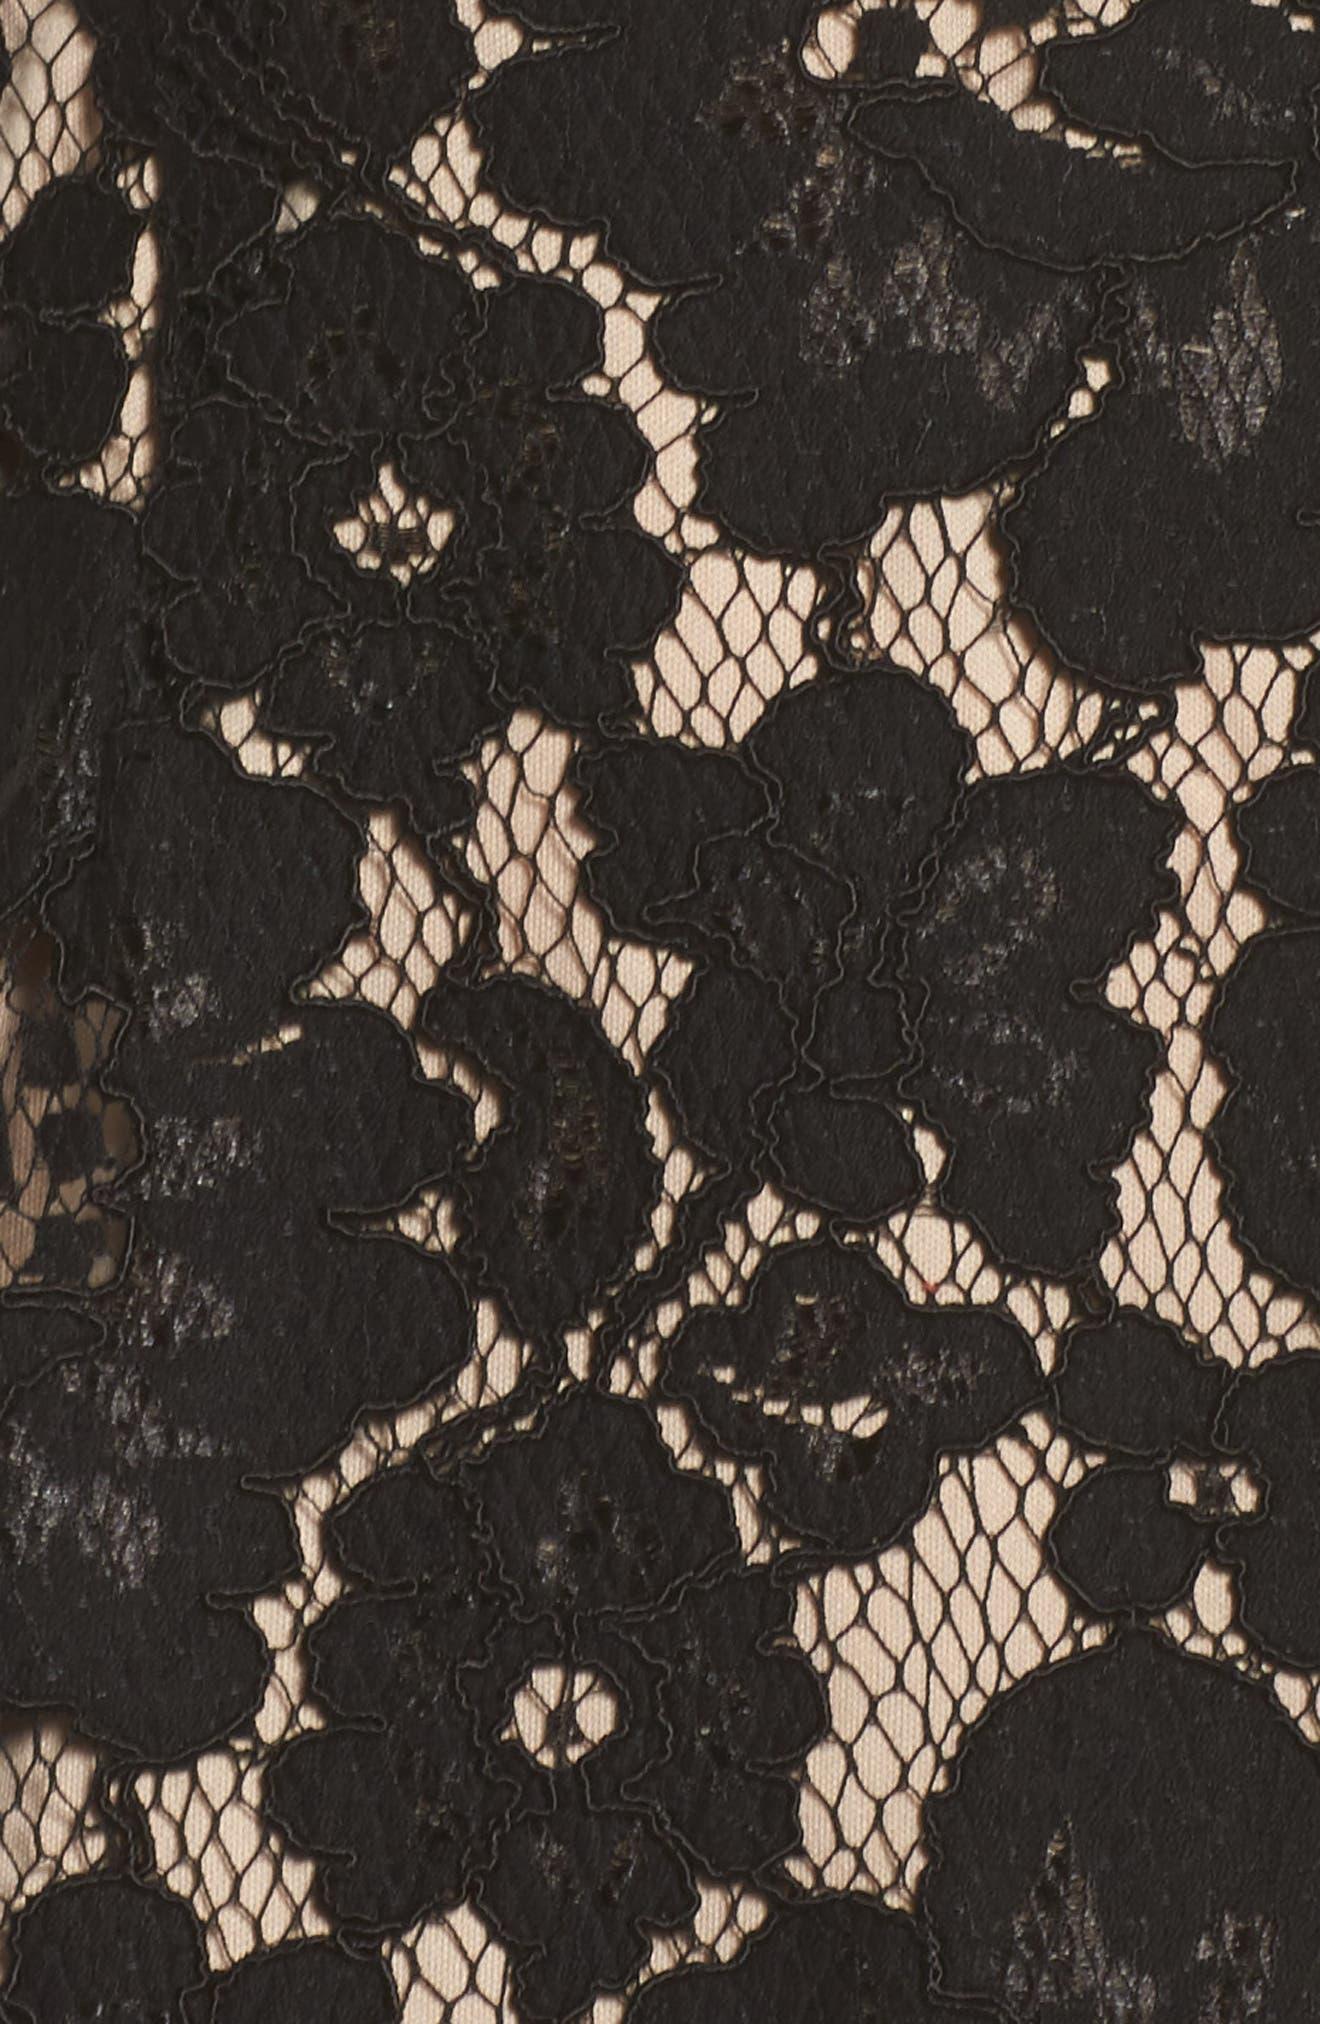 Lace Midi Slipdress,                             Alternate thumbnail 5, color,                             002